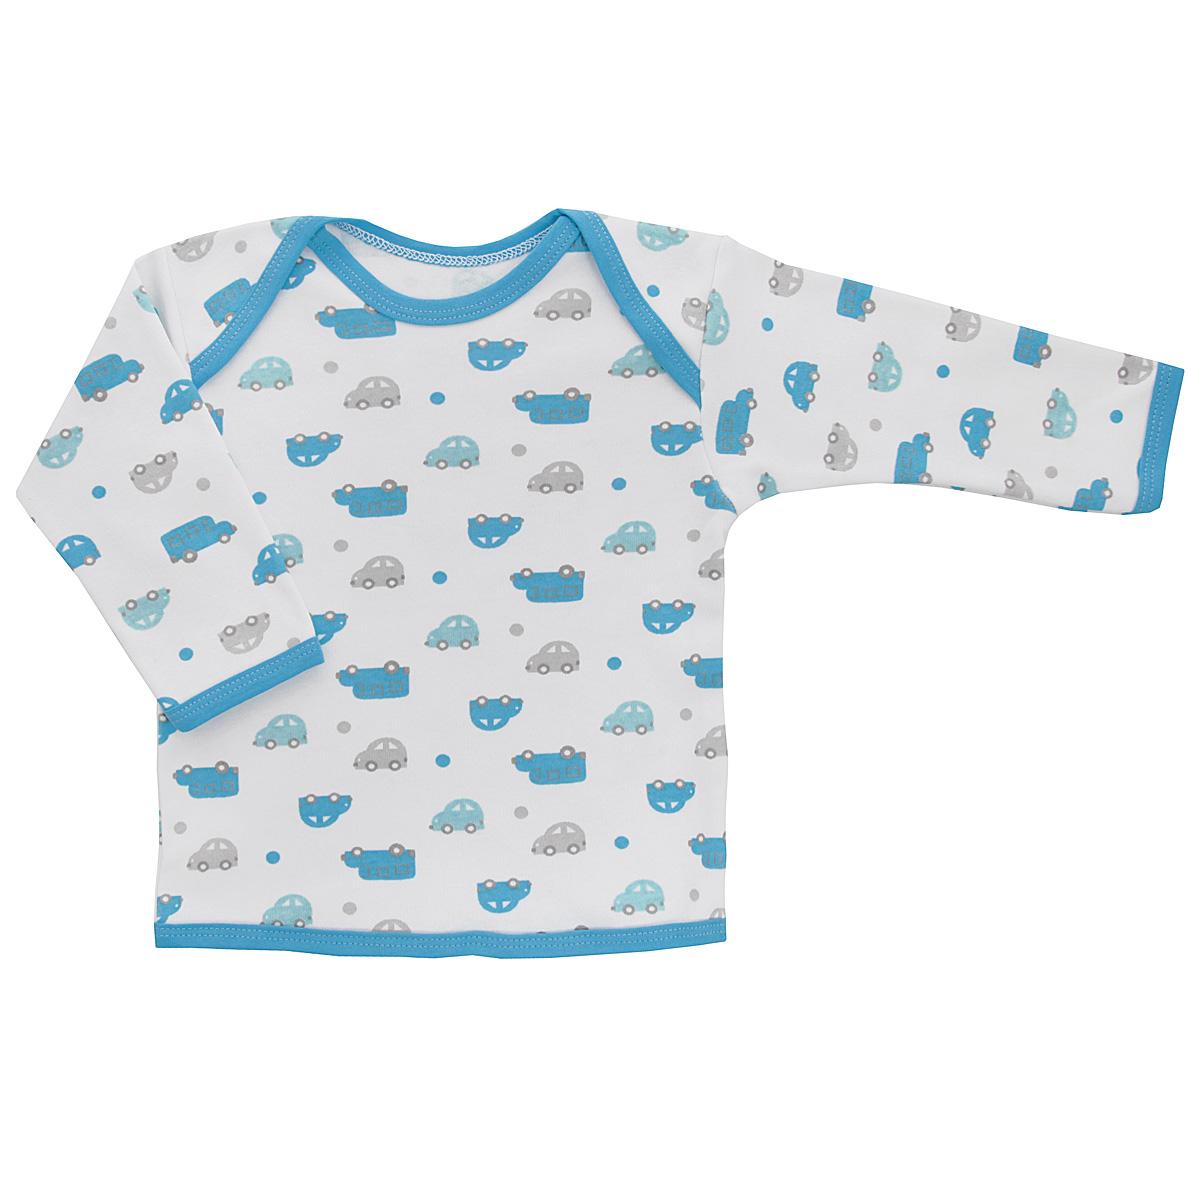 Футболка с длинным рукавом для мальчика Трон-плюс, цвет: белый, голубой. 5611_машинки. Размер 86, 18 месяцев5611_машинкиУдобная футболка для мальчика Трон-плюс с длинными рукавами послужит идеальным дополнением к гардеробу вашего ребенка, обеспечивая ему наибольший комфорт. Изготовленная из интерлока - натурального хлопка, она необычайно мягкая и легкая, не раздражает нежную кожу ребенка и хорошо вентилируется, а эластичные швы приятны телу ребенка и не препятствуют его движениям. Удобные запахи на плечах помогают легко переодеть младенца. Горловина, низ модели и низ рукавов дополнены трикотажной бейкой. Спинка модели незначительно укорочена. Оформлено изделие принтом с изображениями машинок. Футболка полностью соответствует особенностям жизни ребенка в ранний период, не стесняя и не ограничивая его в движениях.